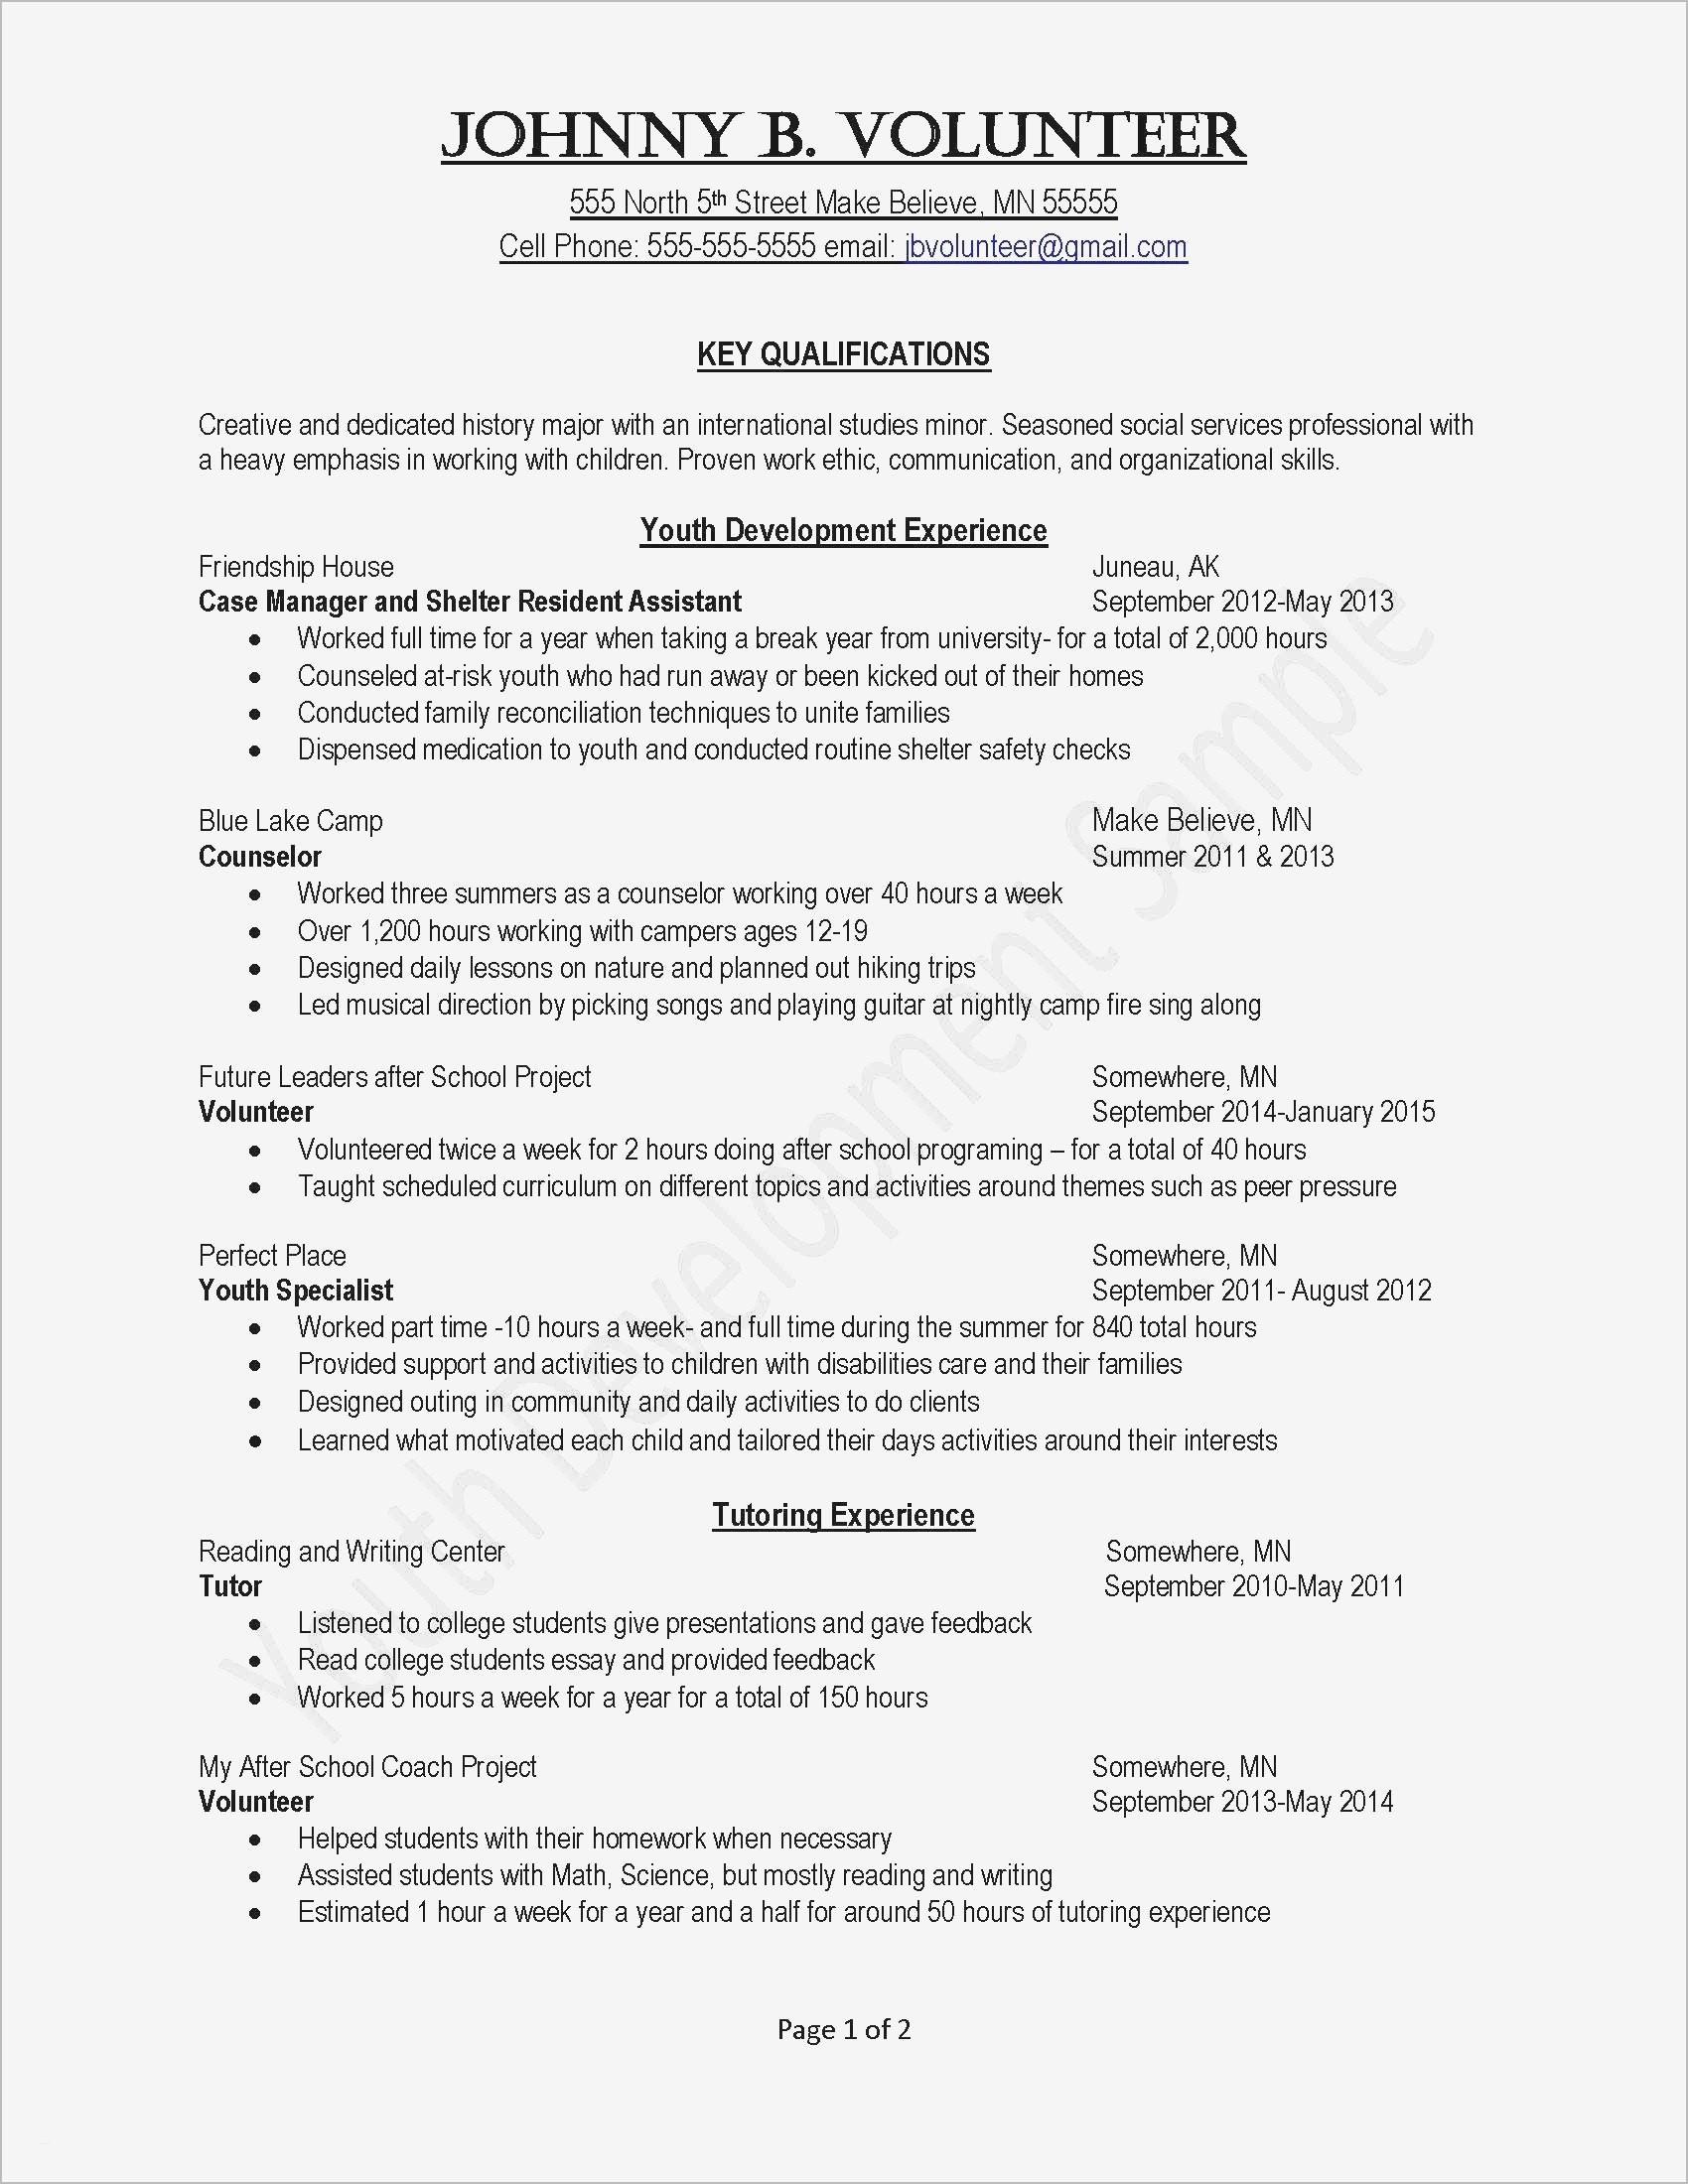 Sample Cover Letter Template - Sample Cover Letter for Job Resume Unique New Job Fer Letter